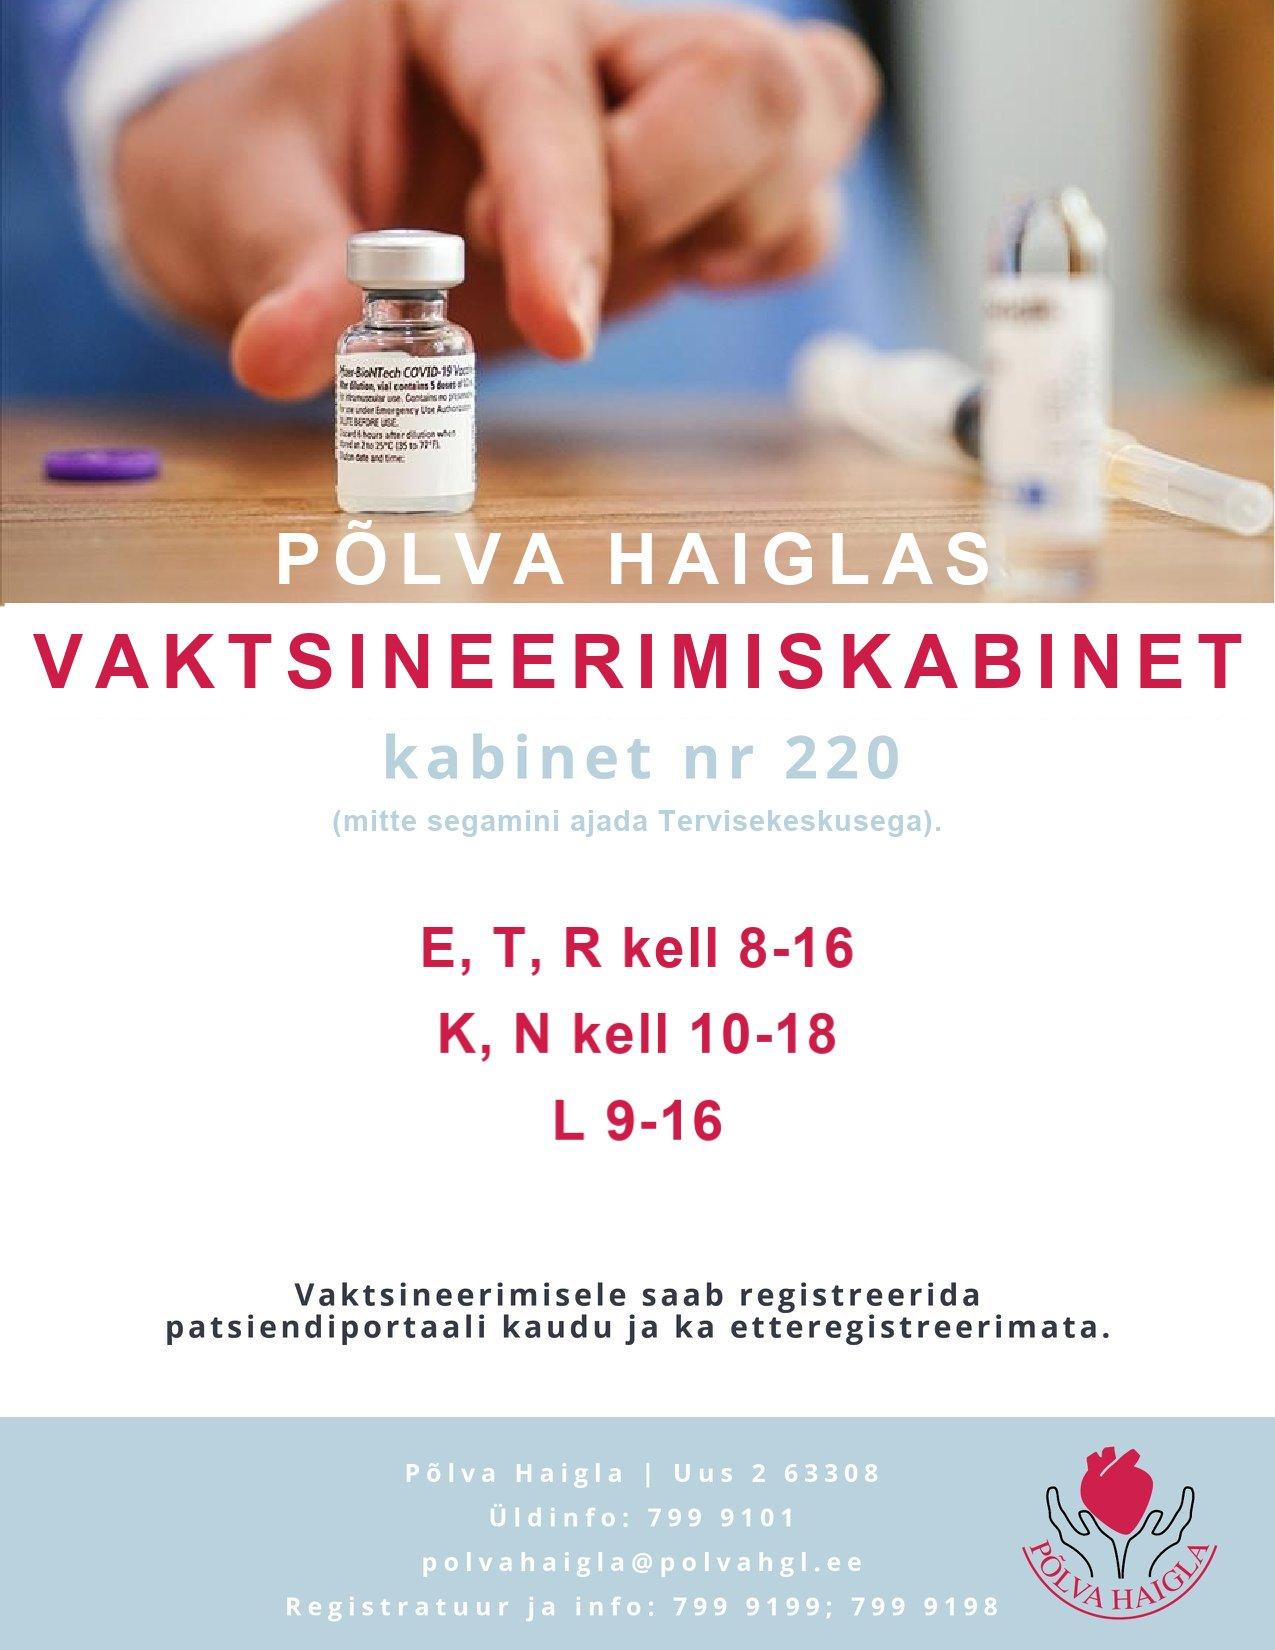 Põlva haigla vaktsineerimiskabineti lahtiolekuajad